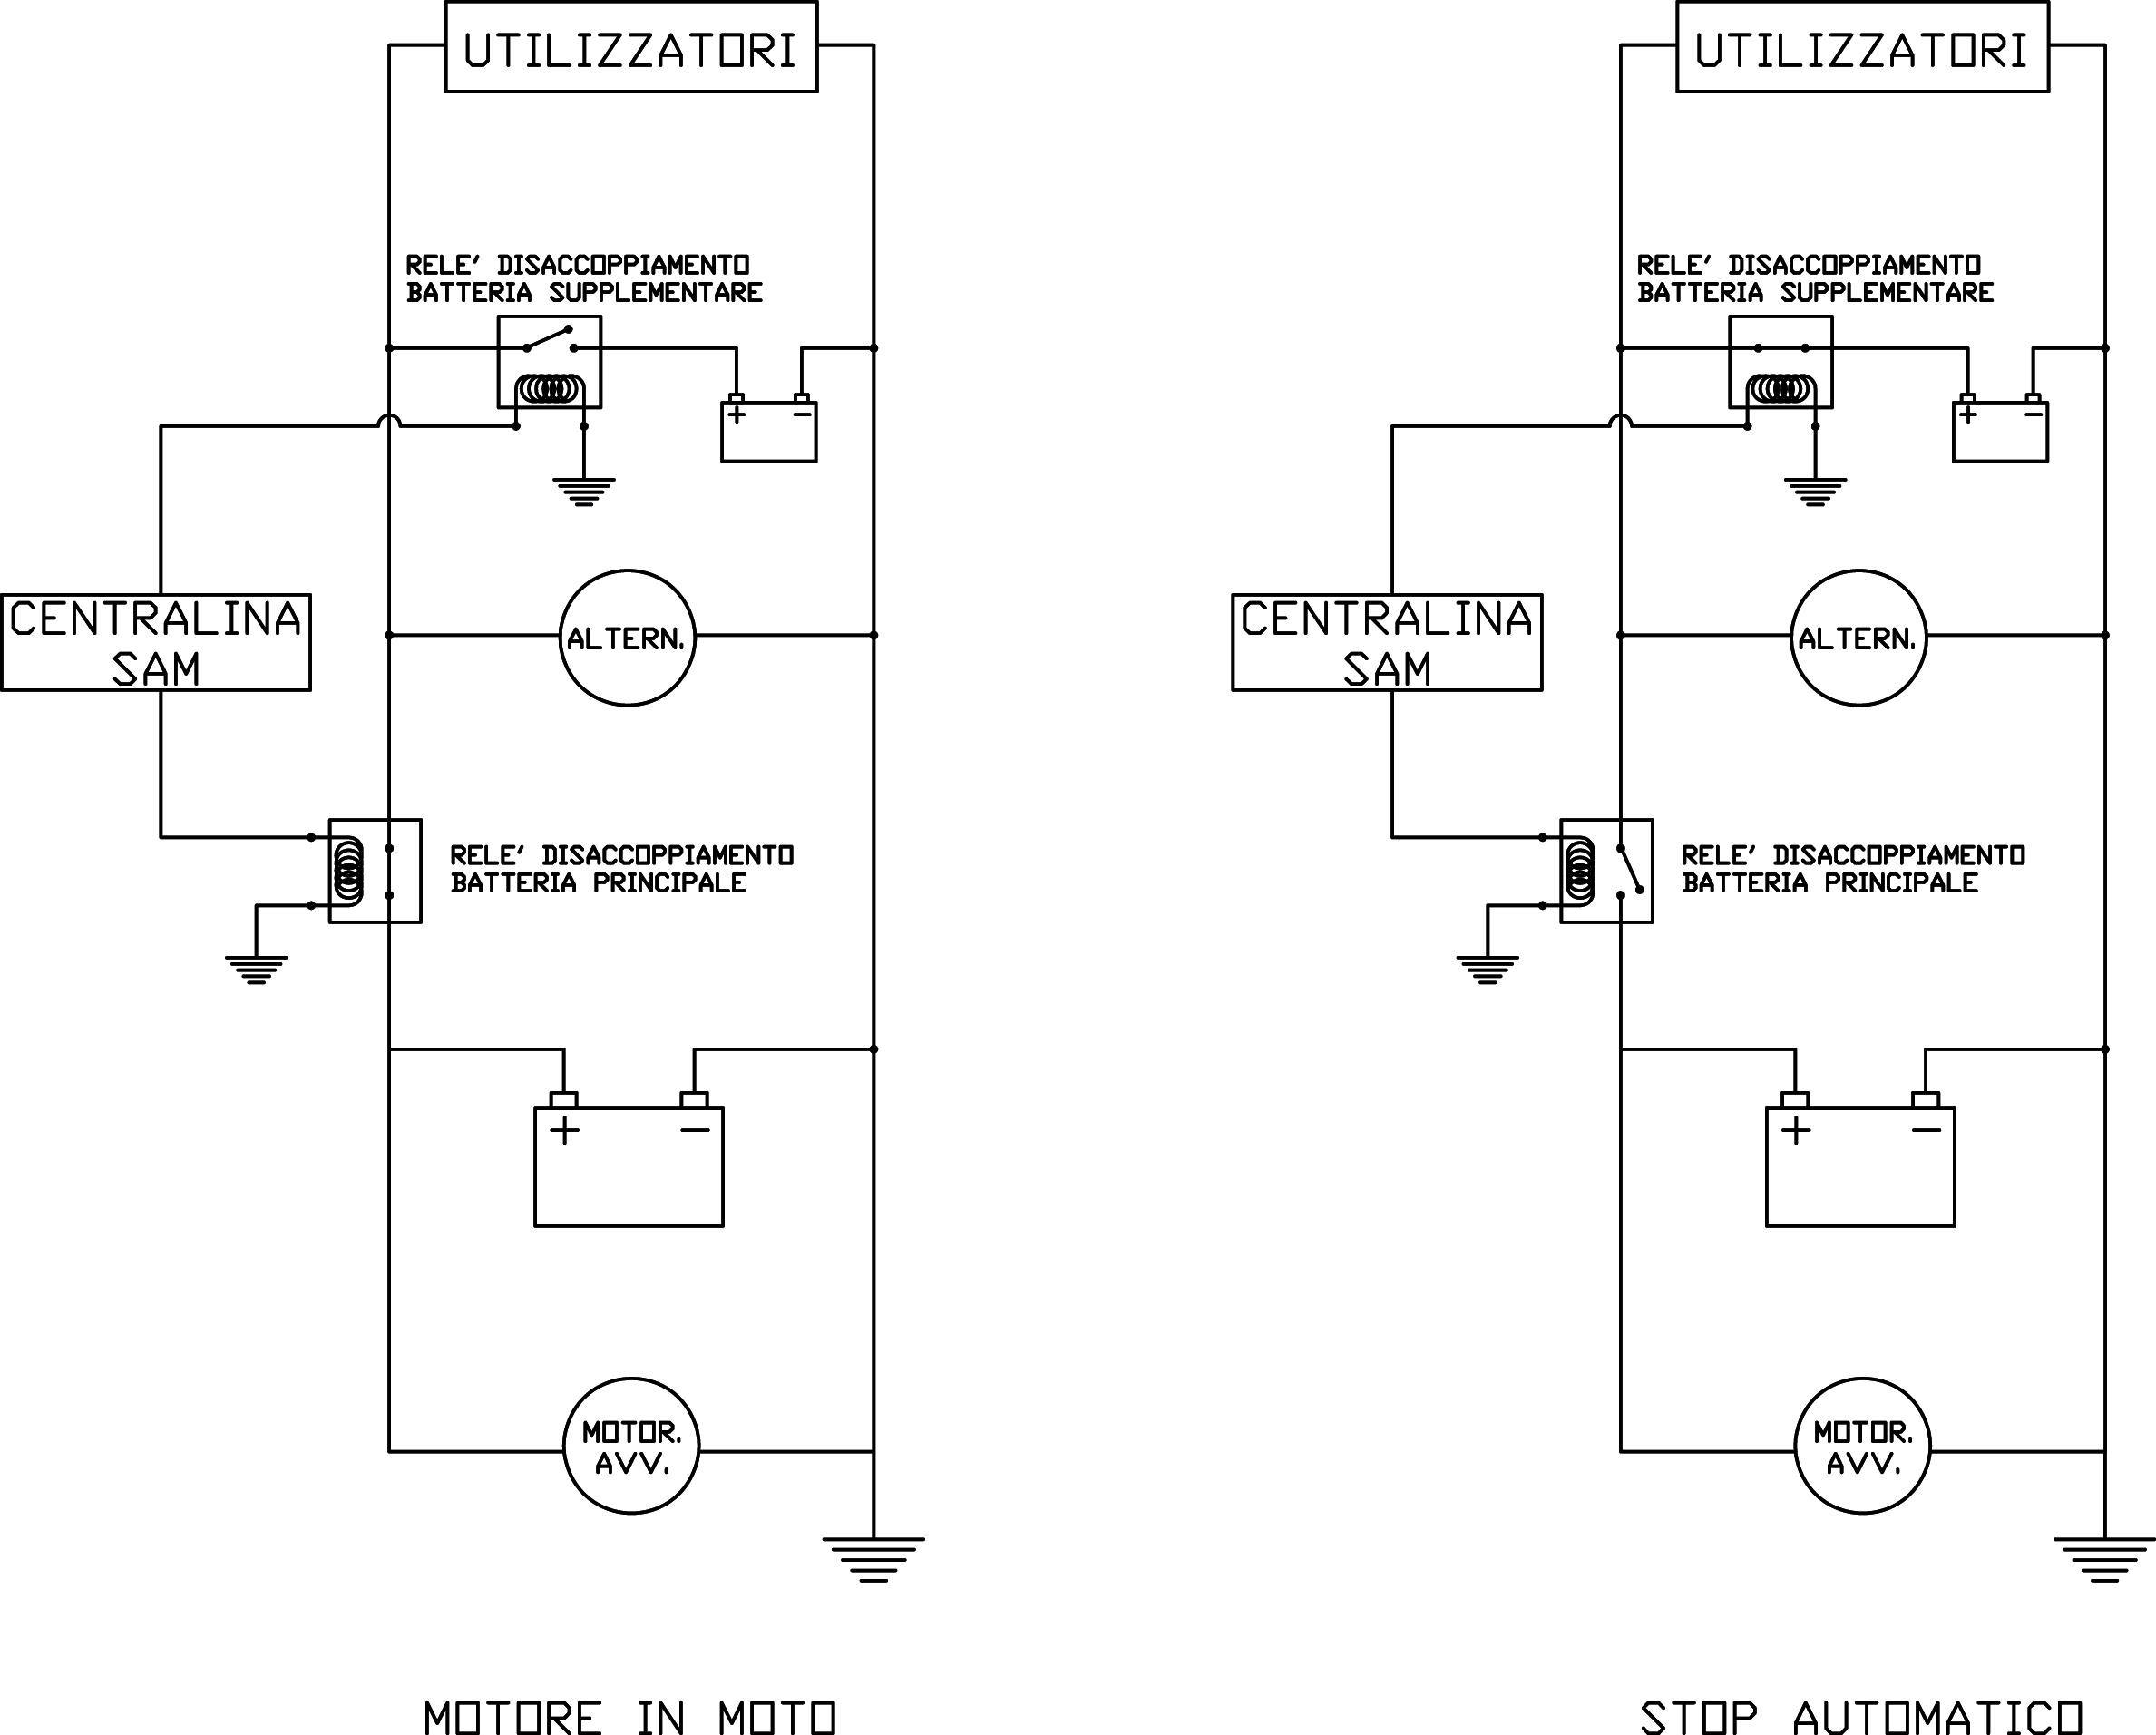 Schema Elettrico Hoverboard : Batteria supplementare per stabilizzazione assorbimenti su